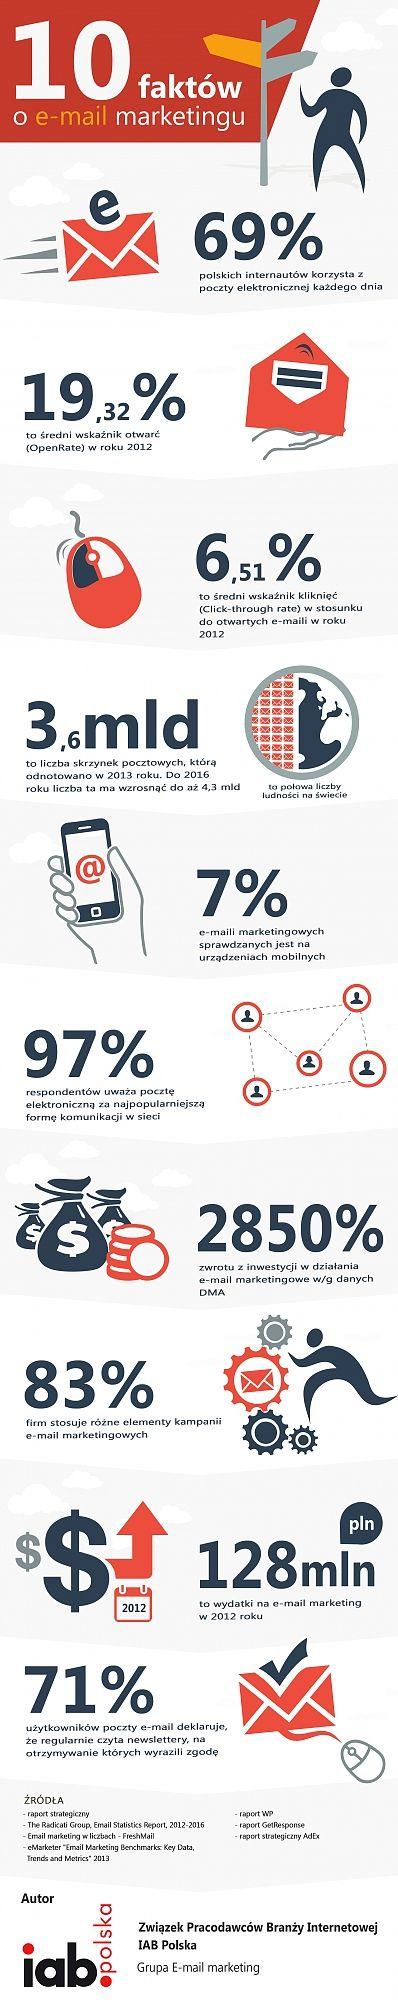 10 najważniejszych faktów e-mail marketingu (infografika)